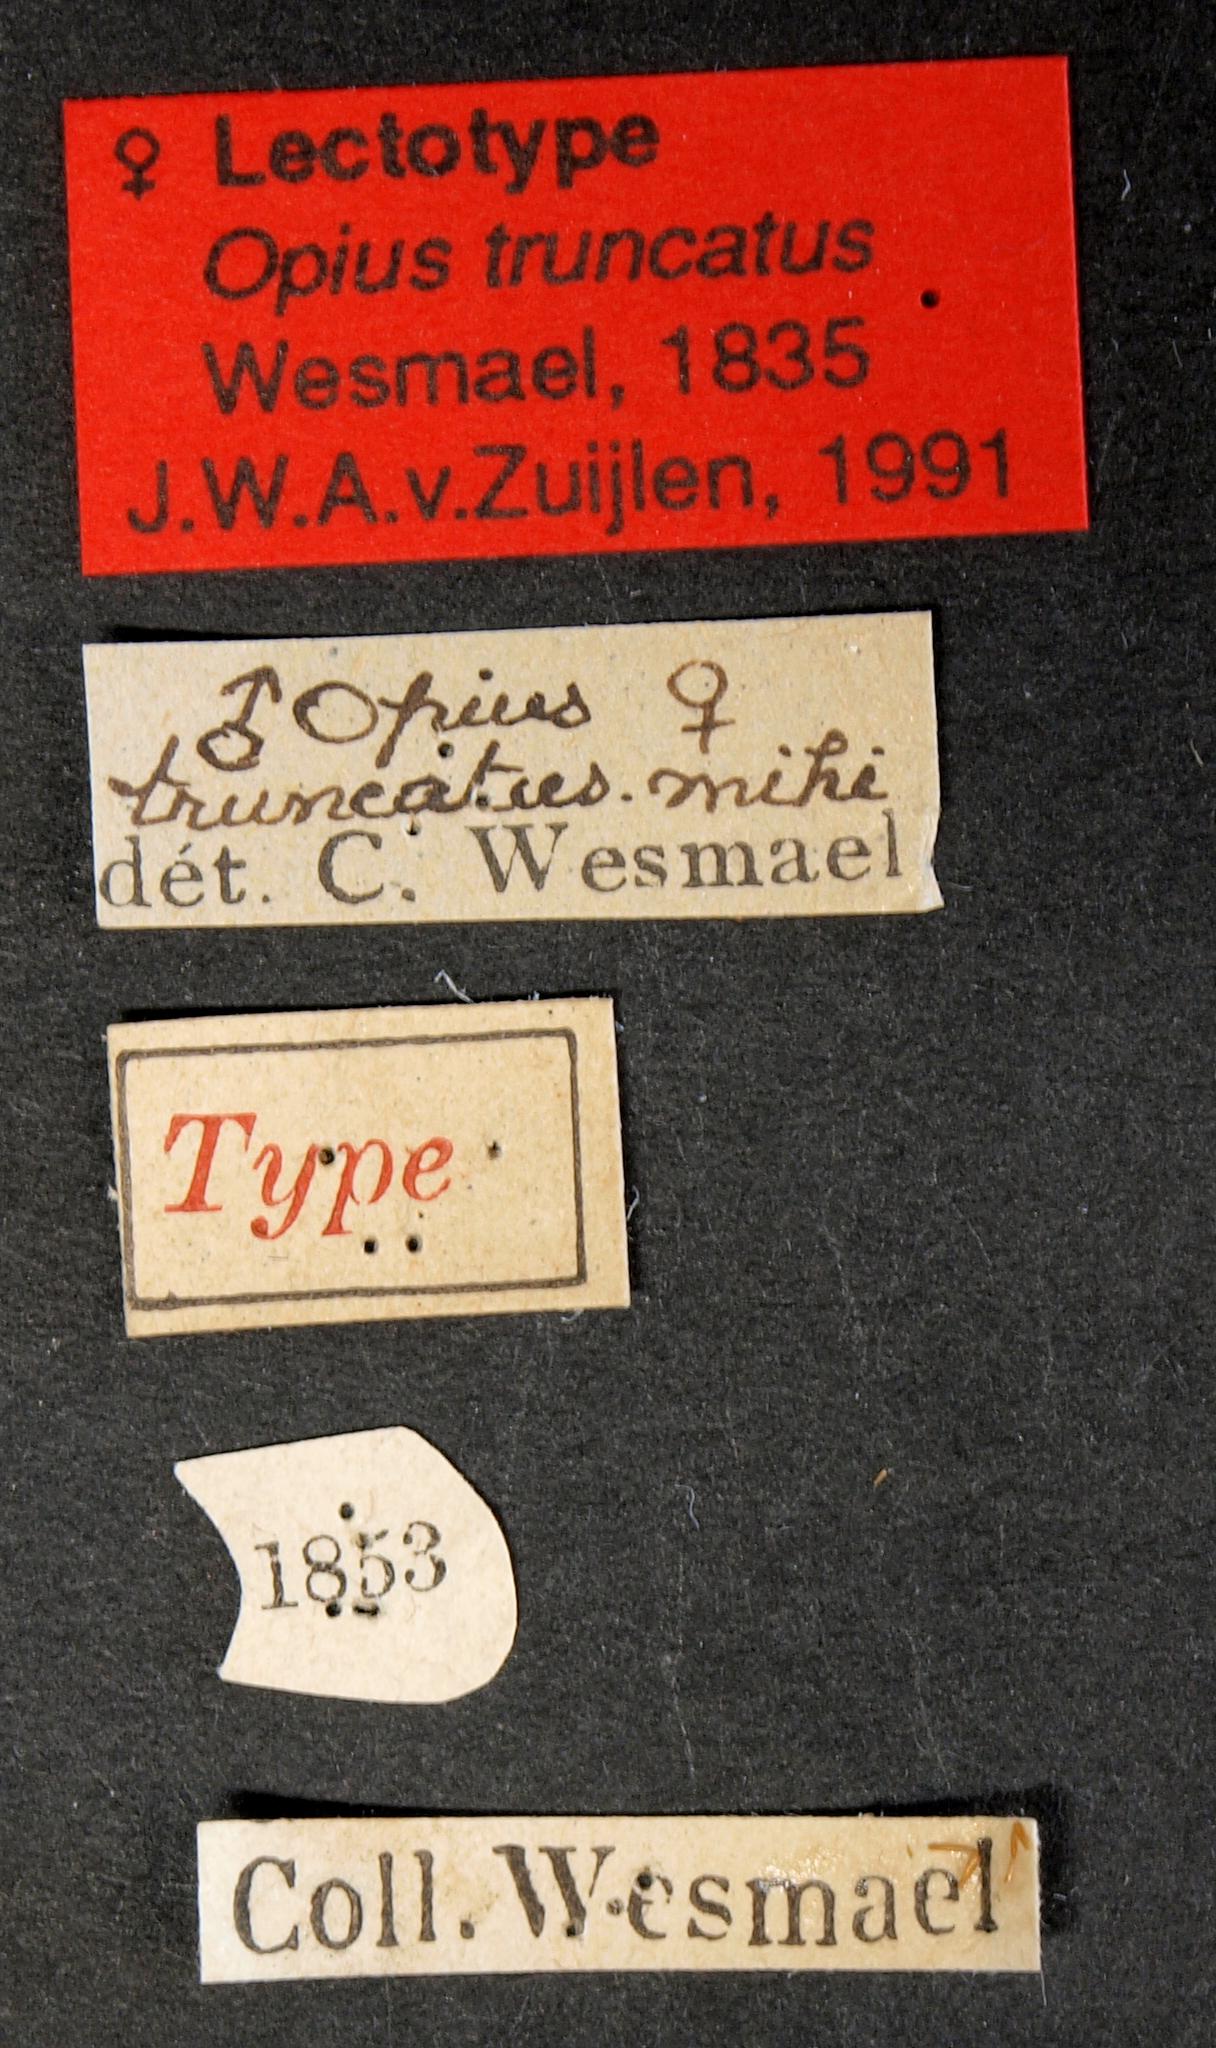 Opius truncatus lct Lb.JPG